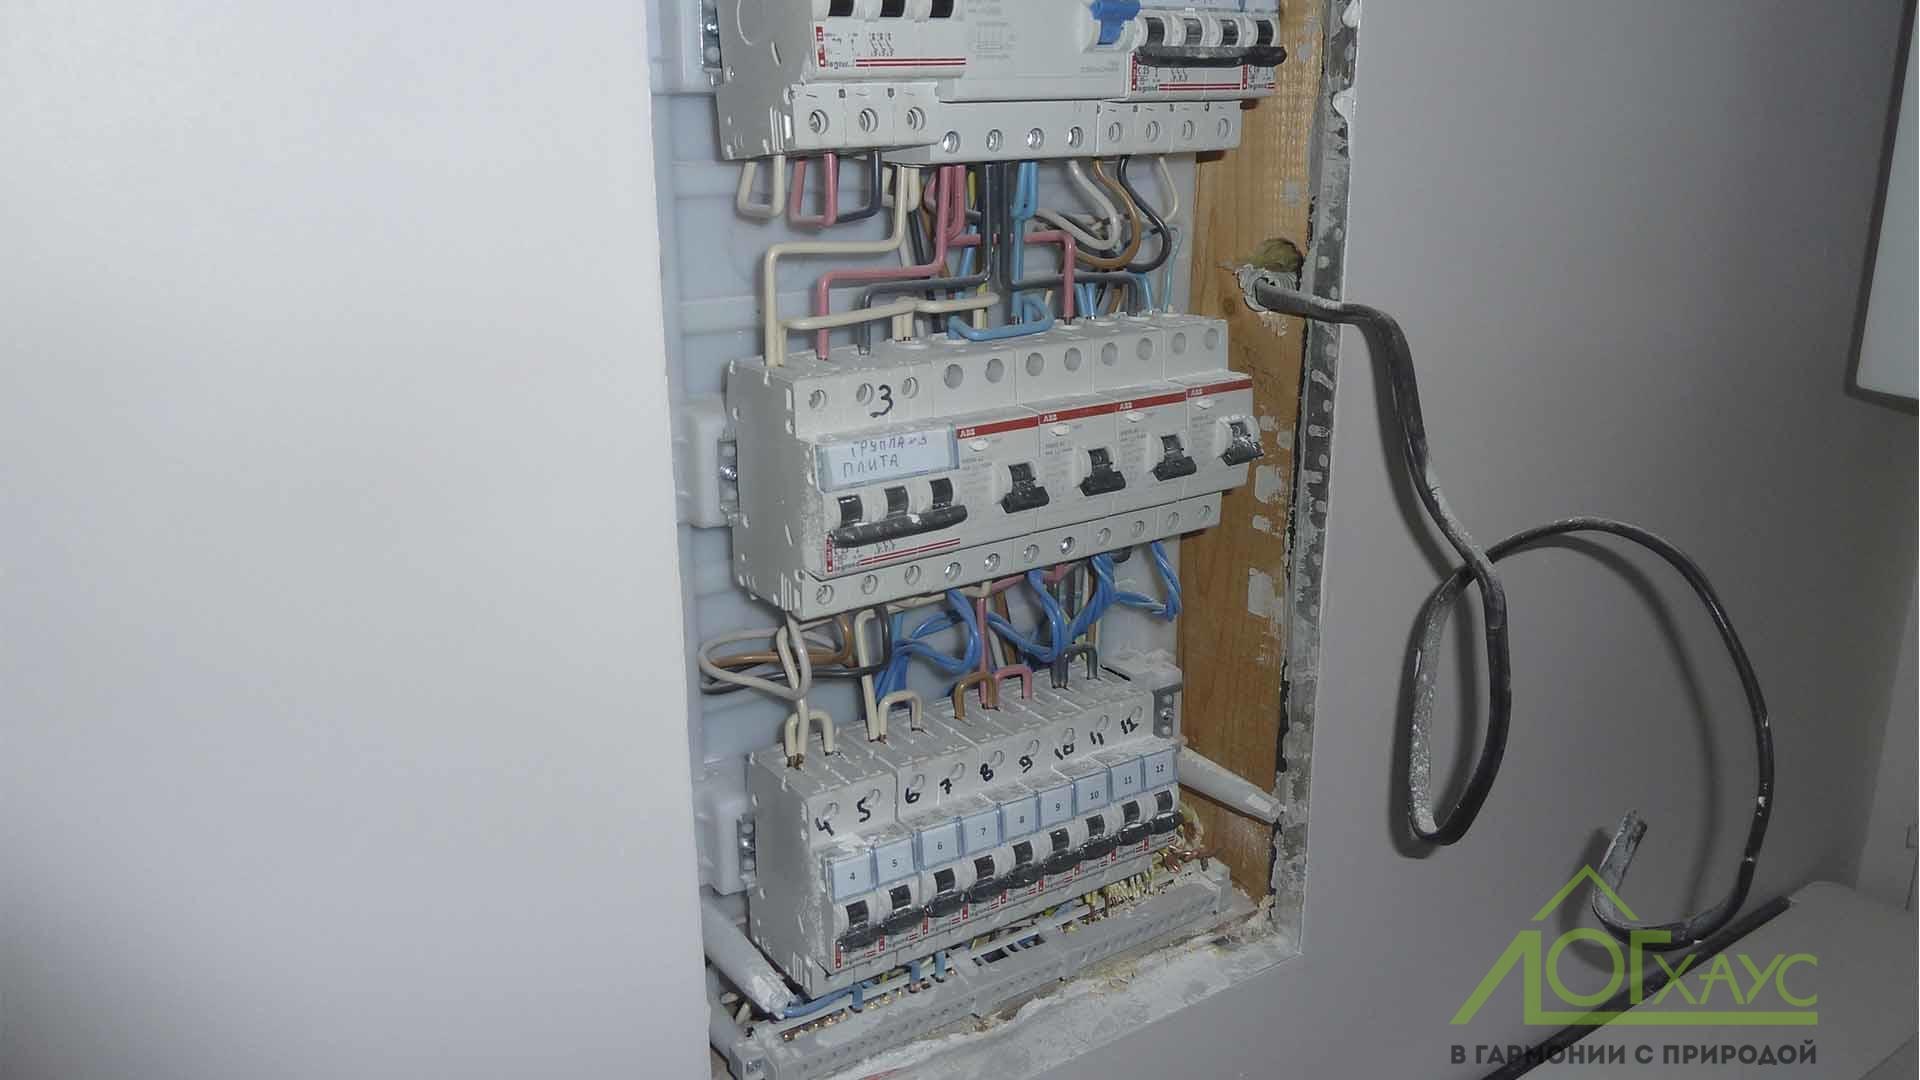 Монтаж электрического щита в фахверковом доме